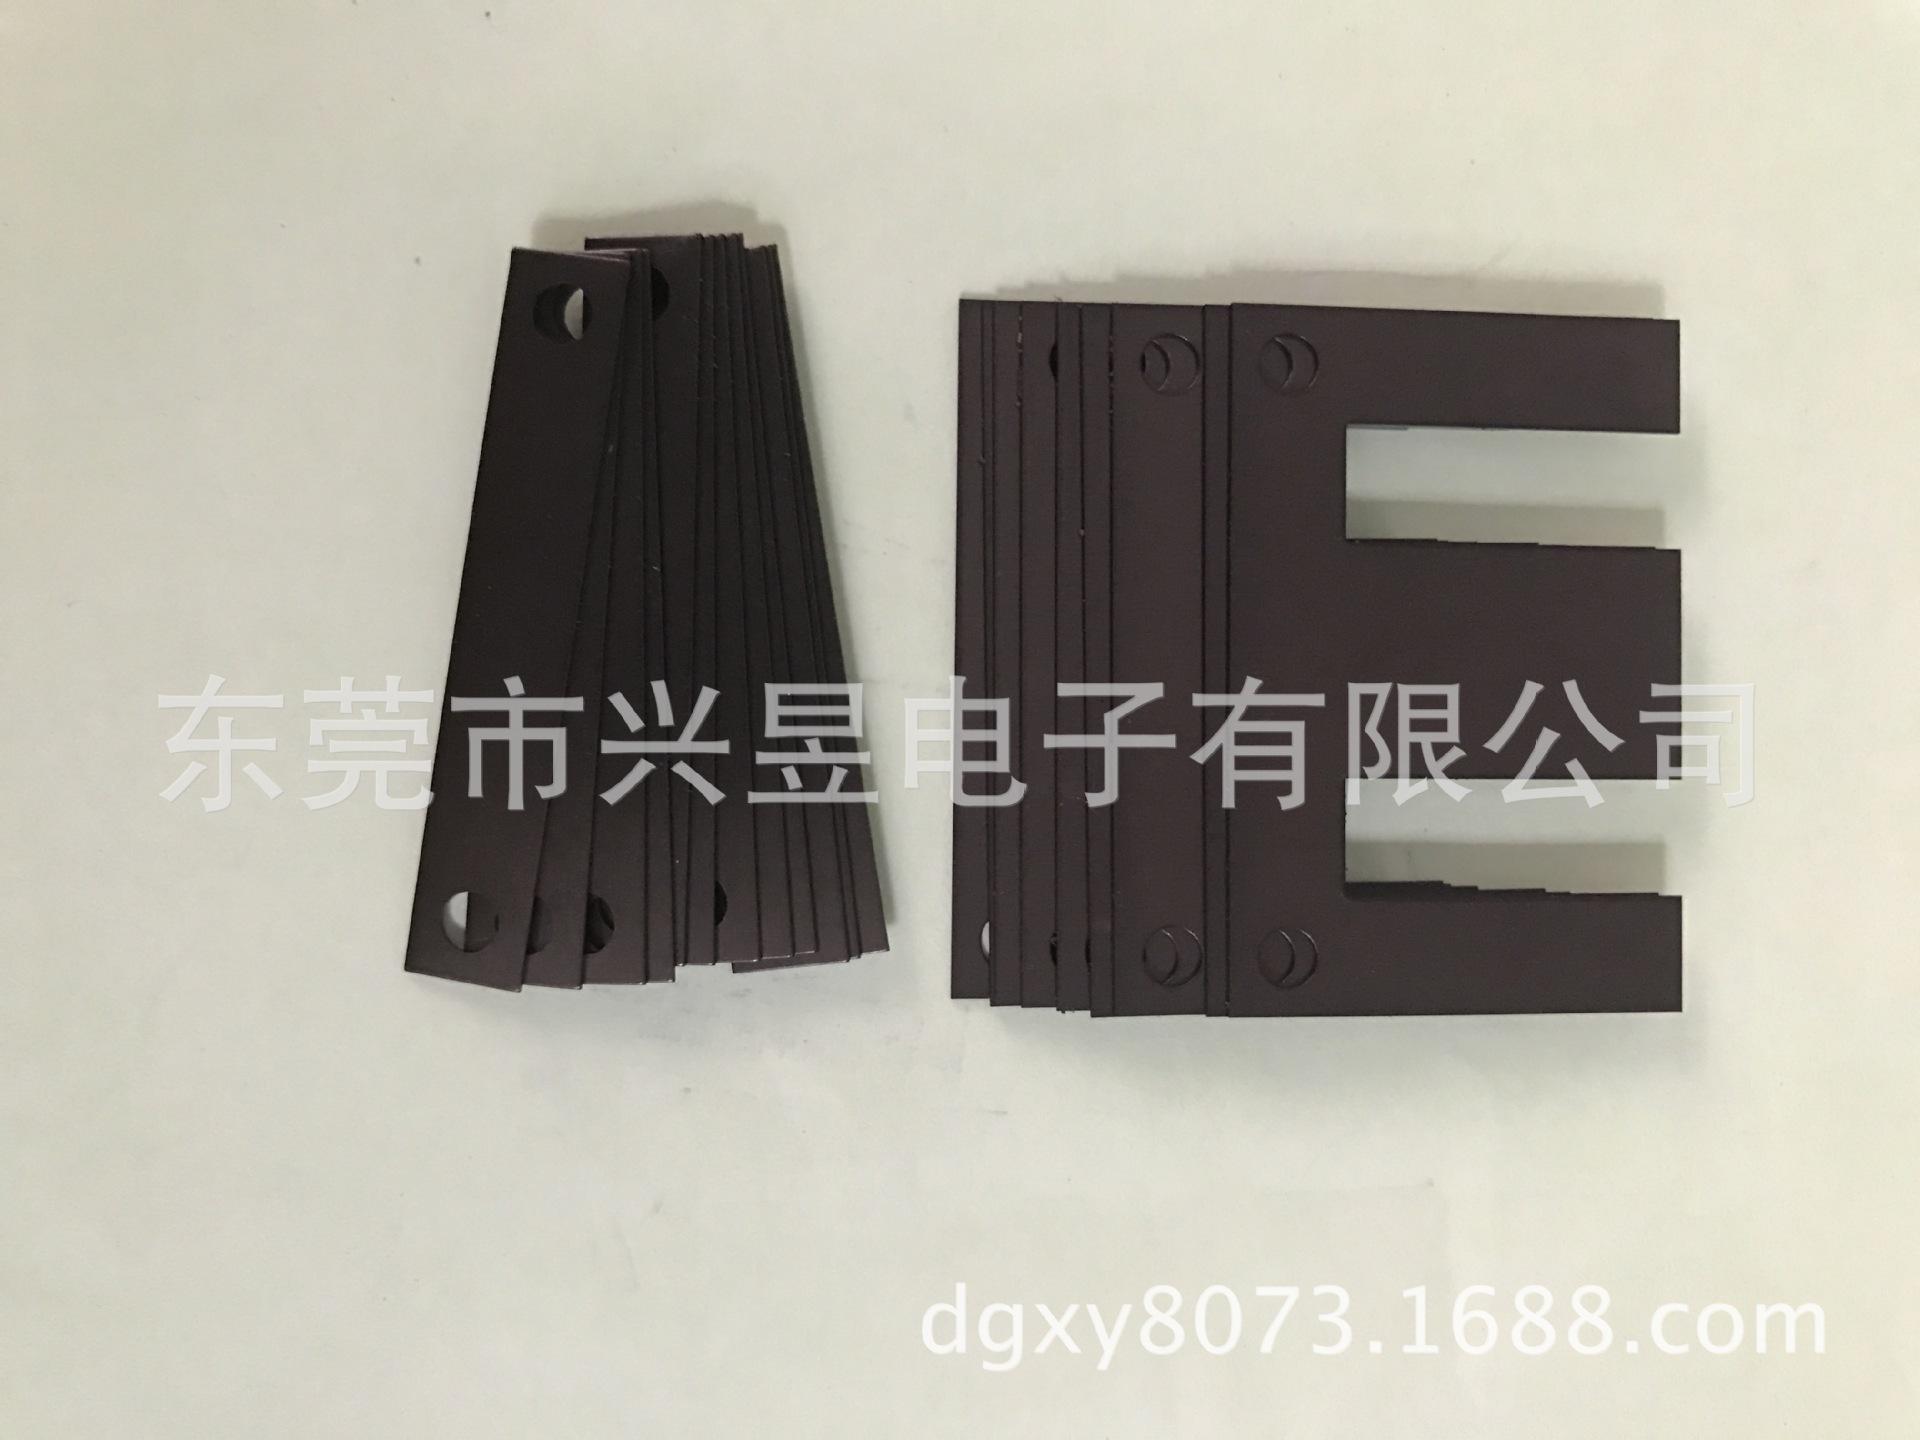 ei矽钢片尺寸_【EI硅钢片】_EI硅钢片厂家_EI硅钢片批发市场 - 阿里巴巴